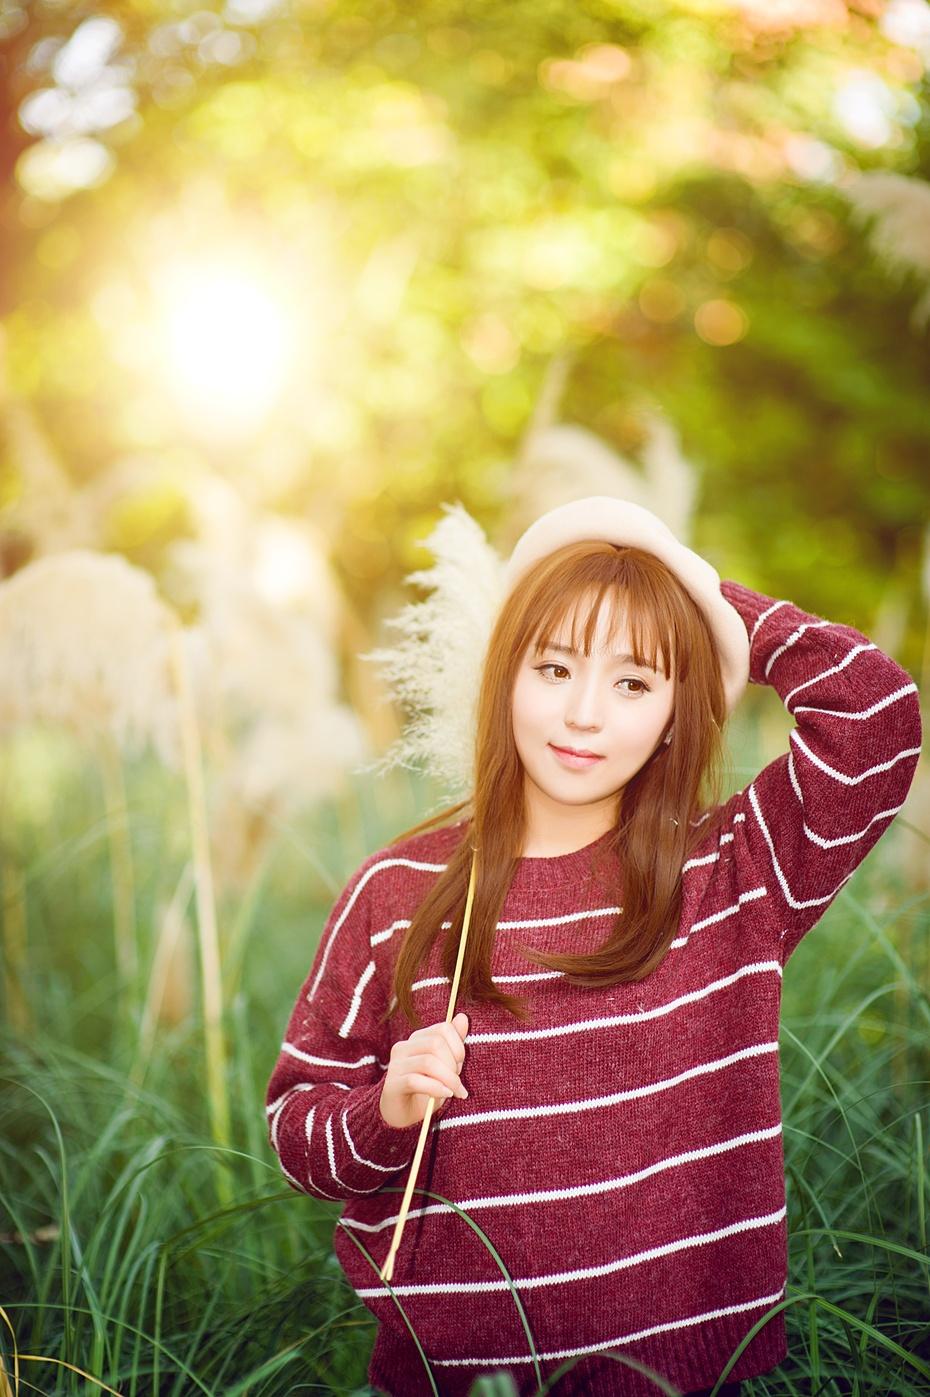 【袁一诺vivian】暖暖阳光暖暖心,旅行护发的秘密 - 小一 - 袁一诺vivian